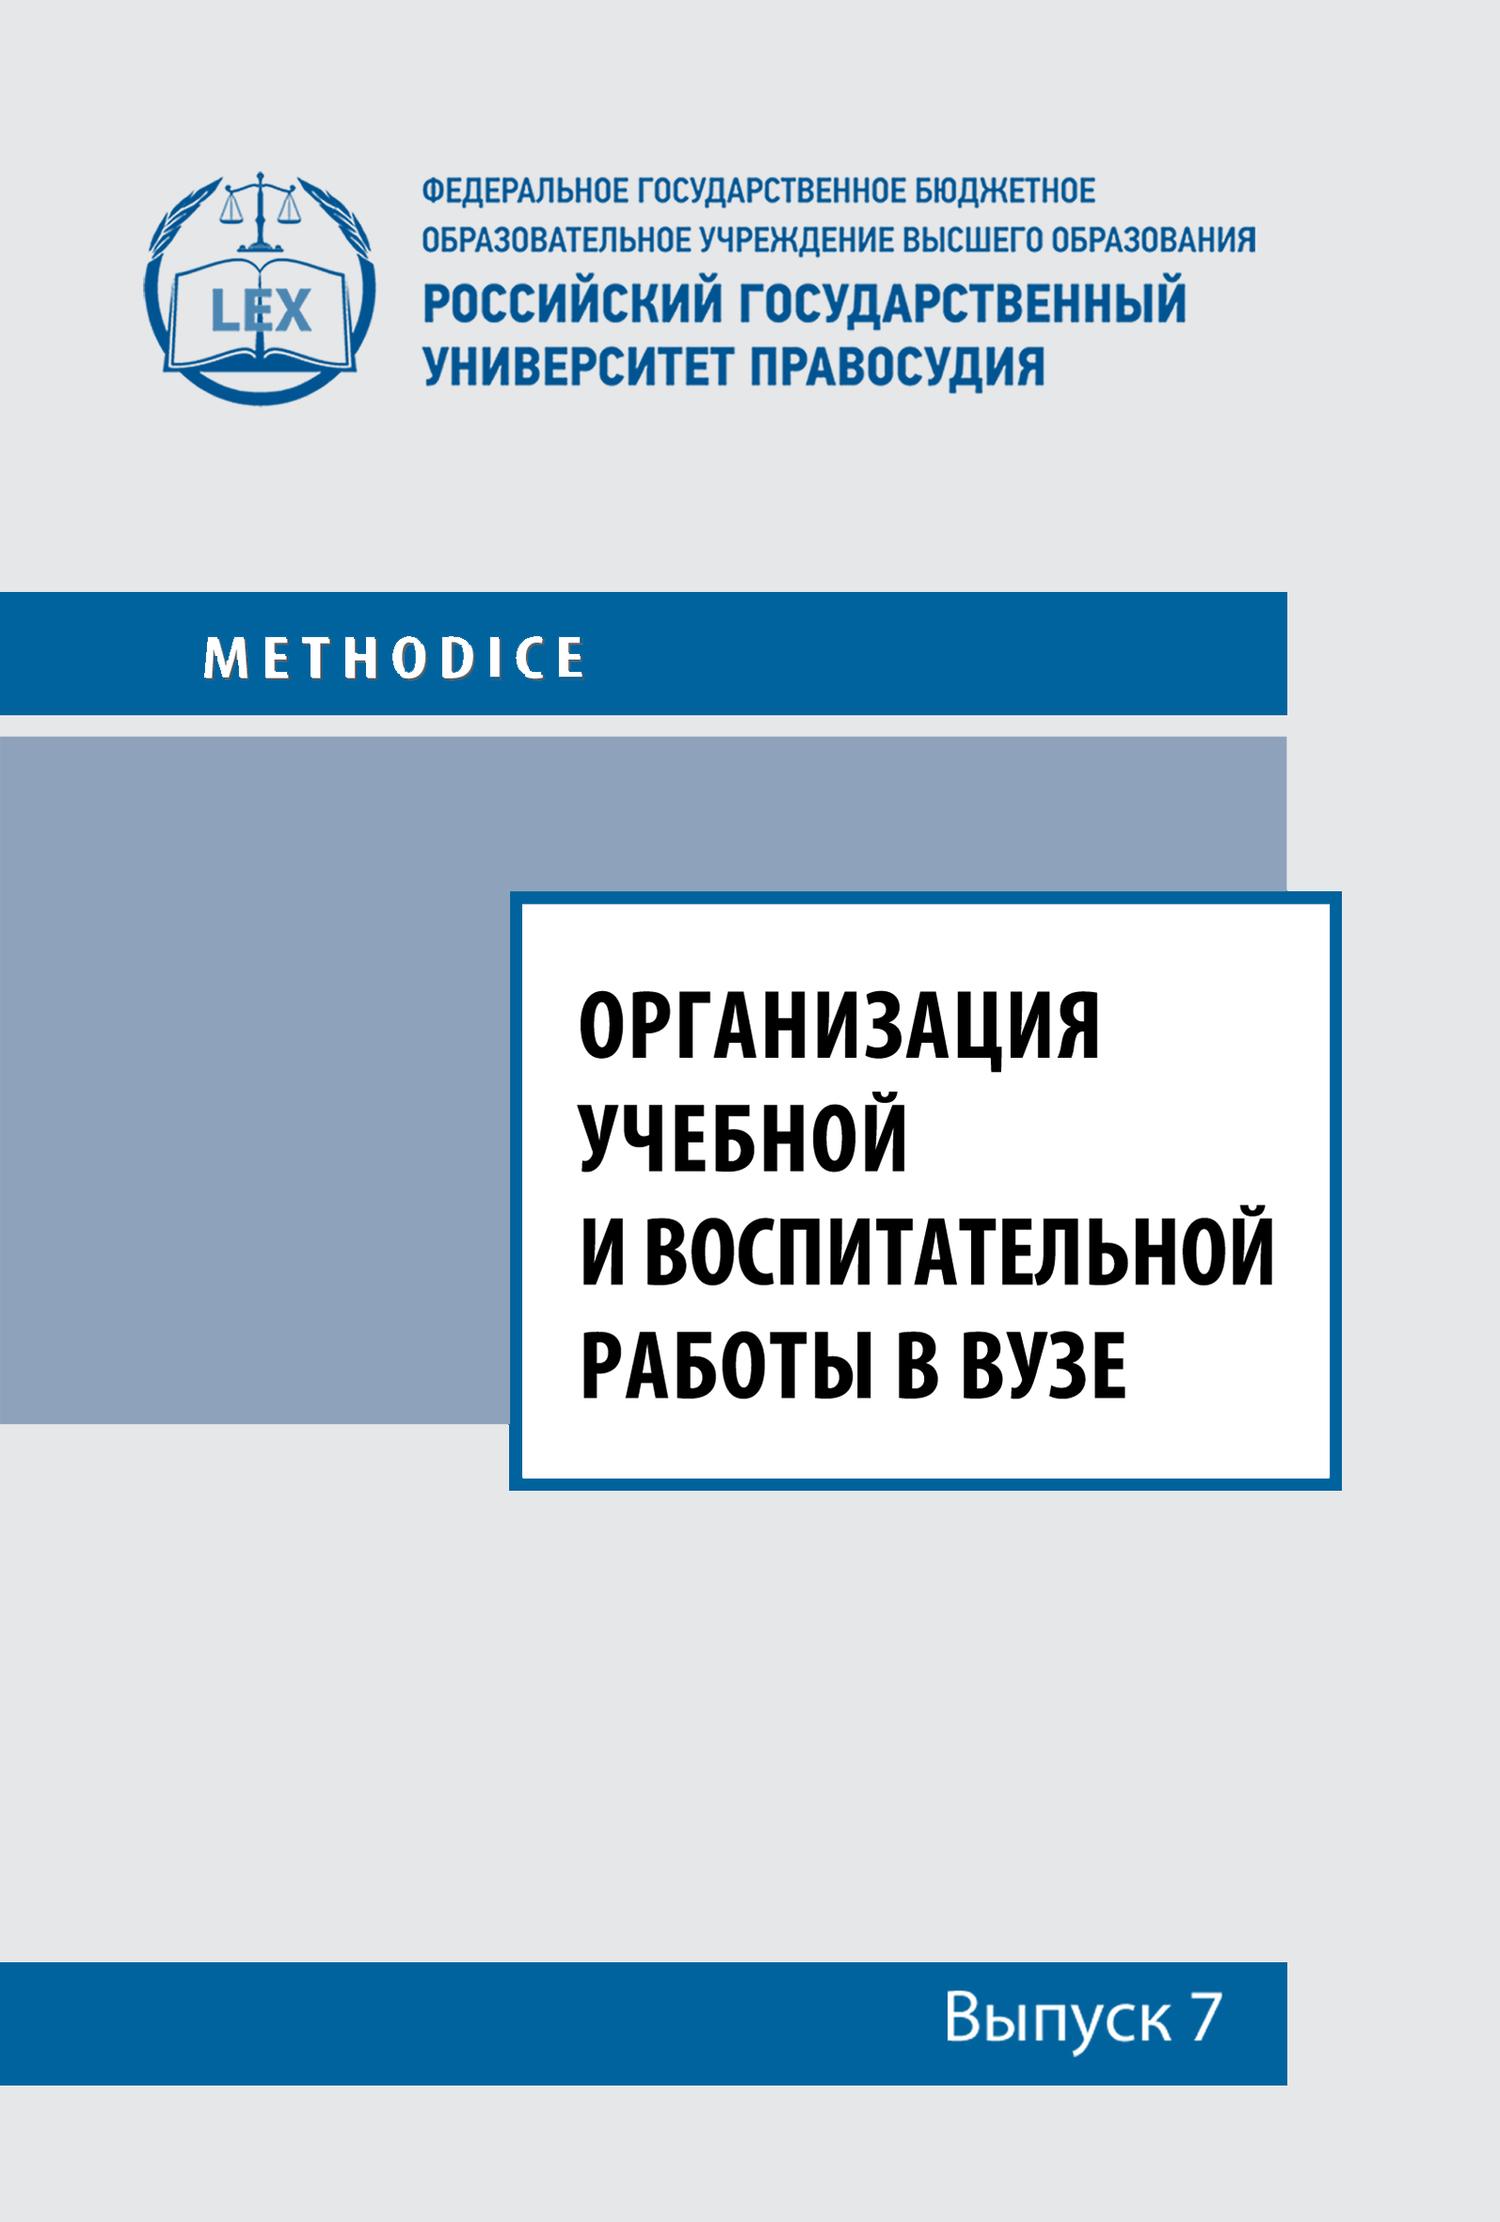 Организация учебной и воспитательной работы в вузе. Выпуск 7